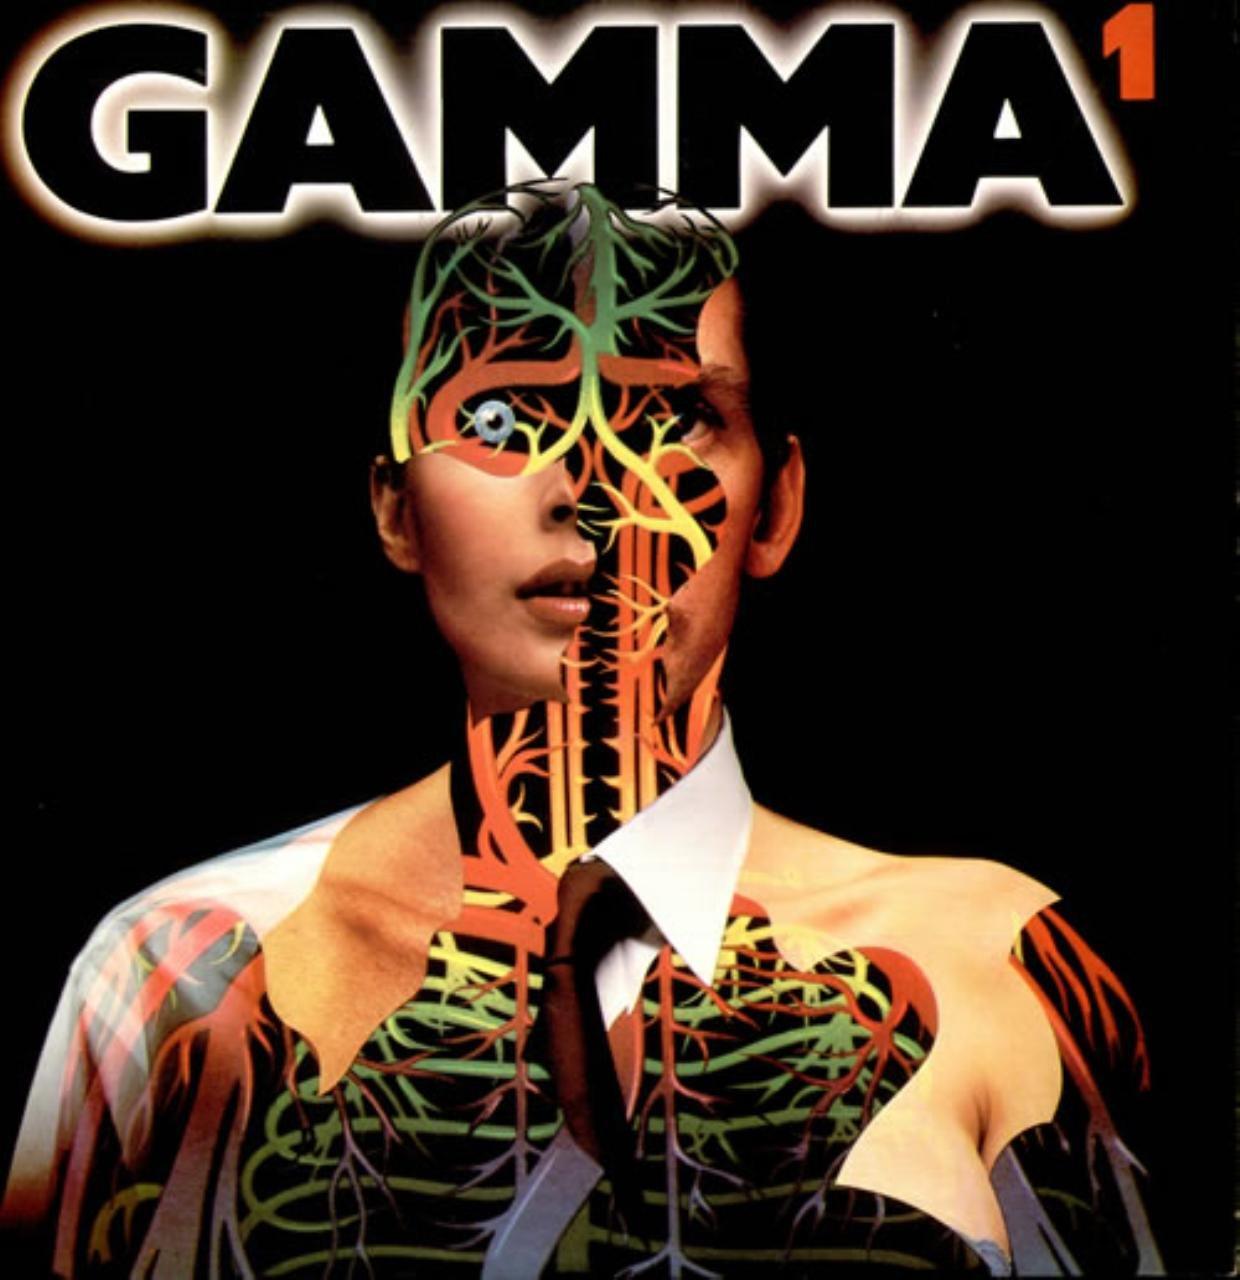 Gamma 1